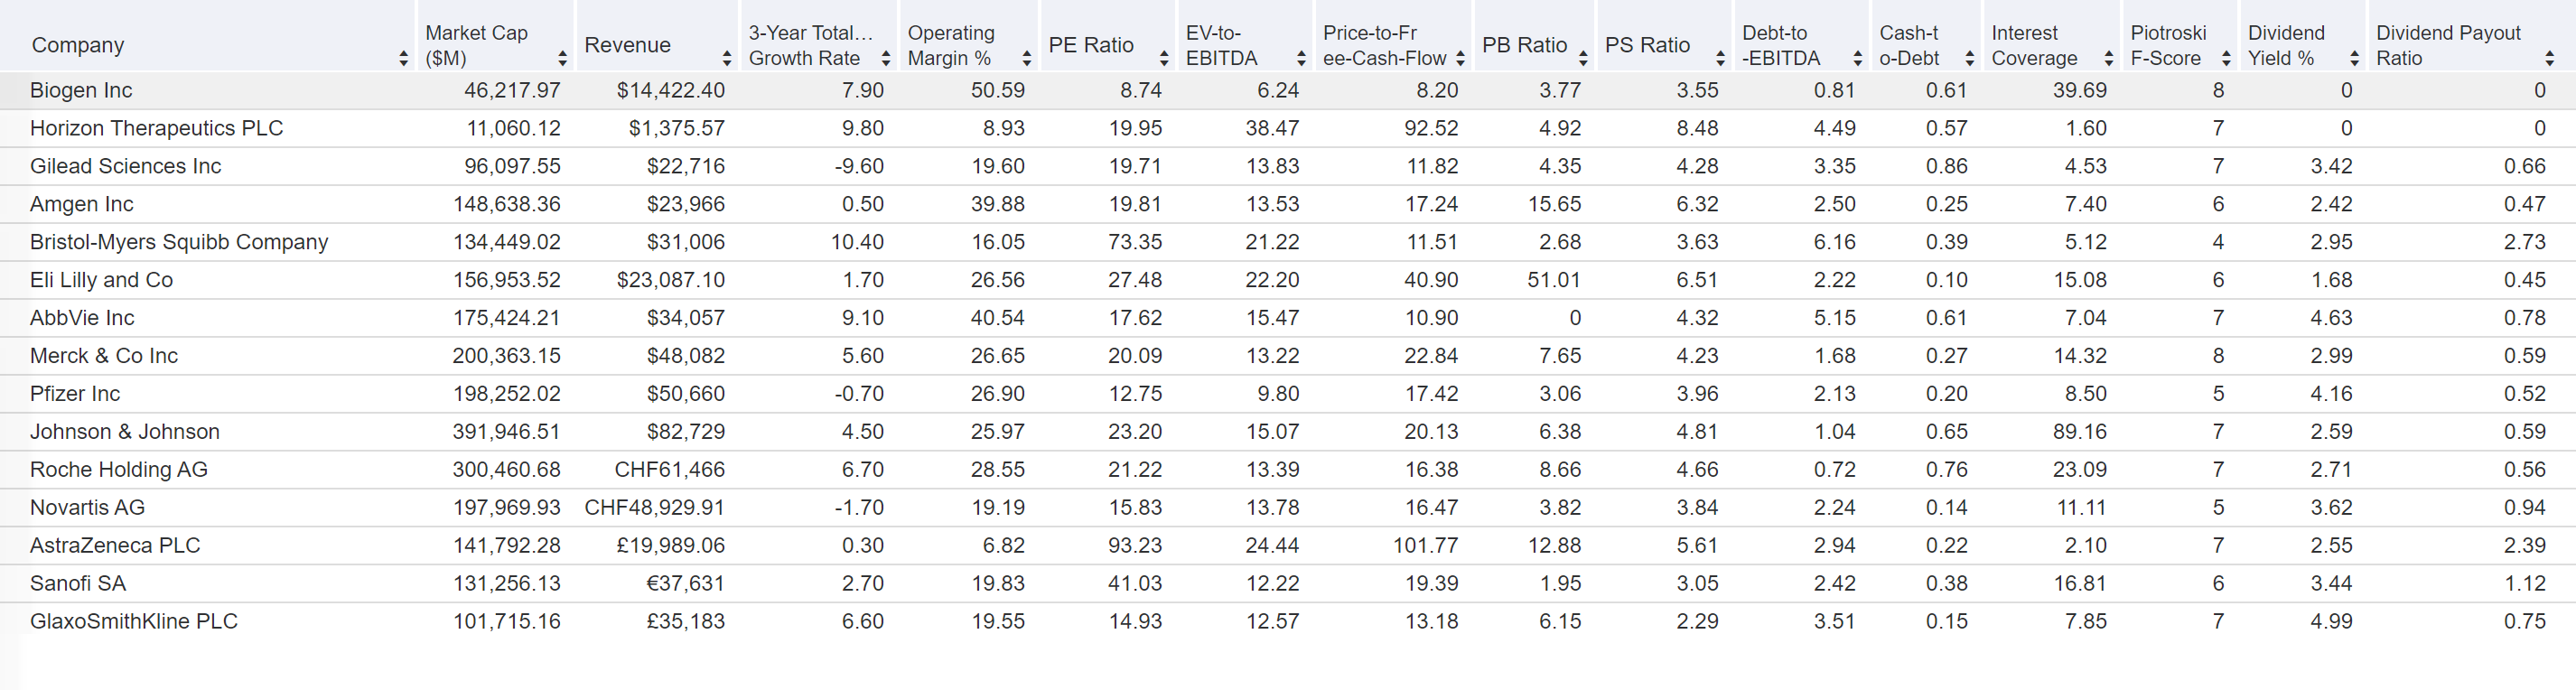 Таблица показателей Biogen в сравнении с компаниями отрасли